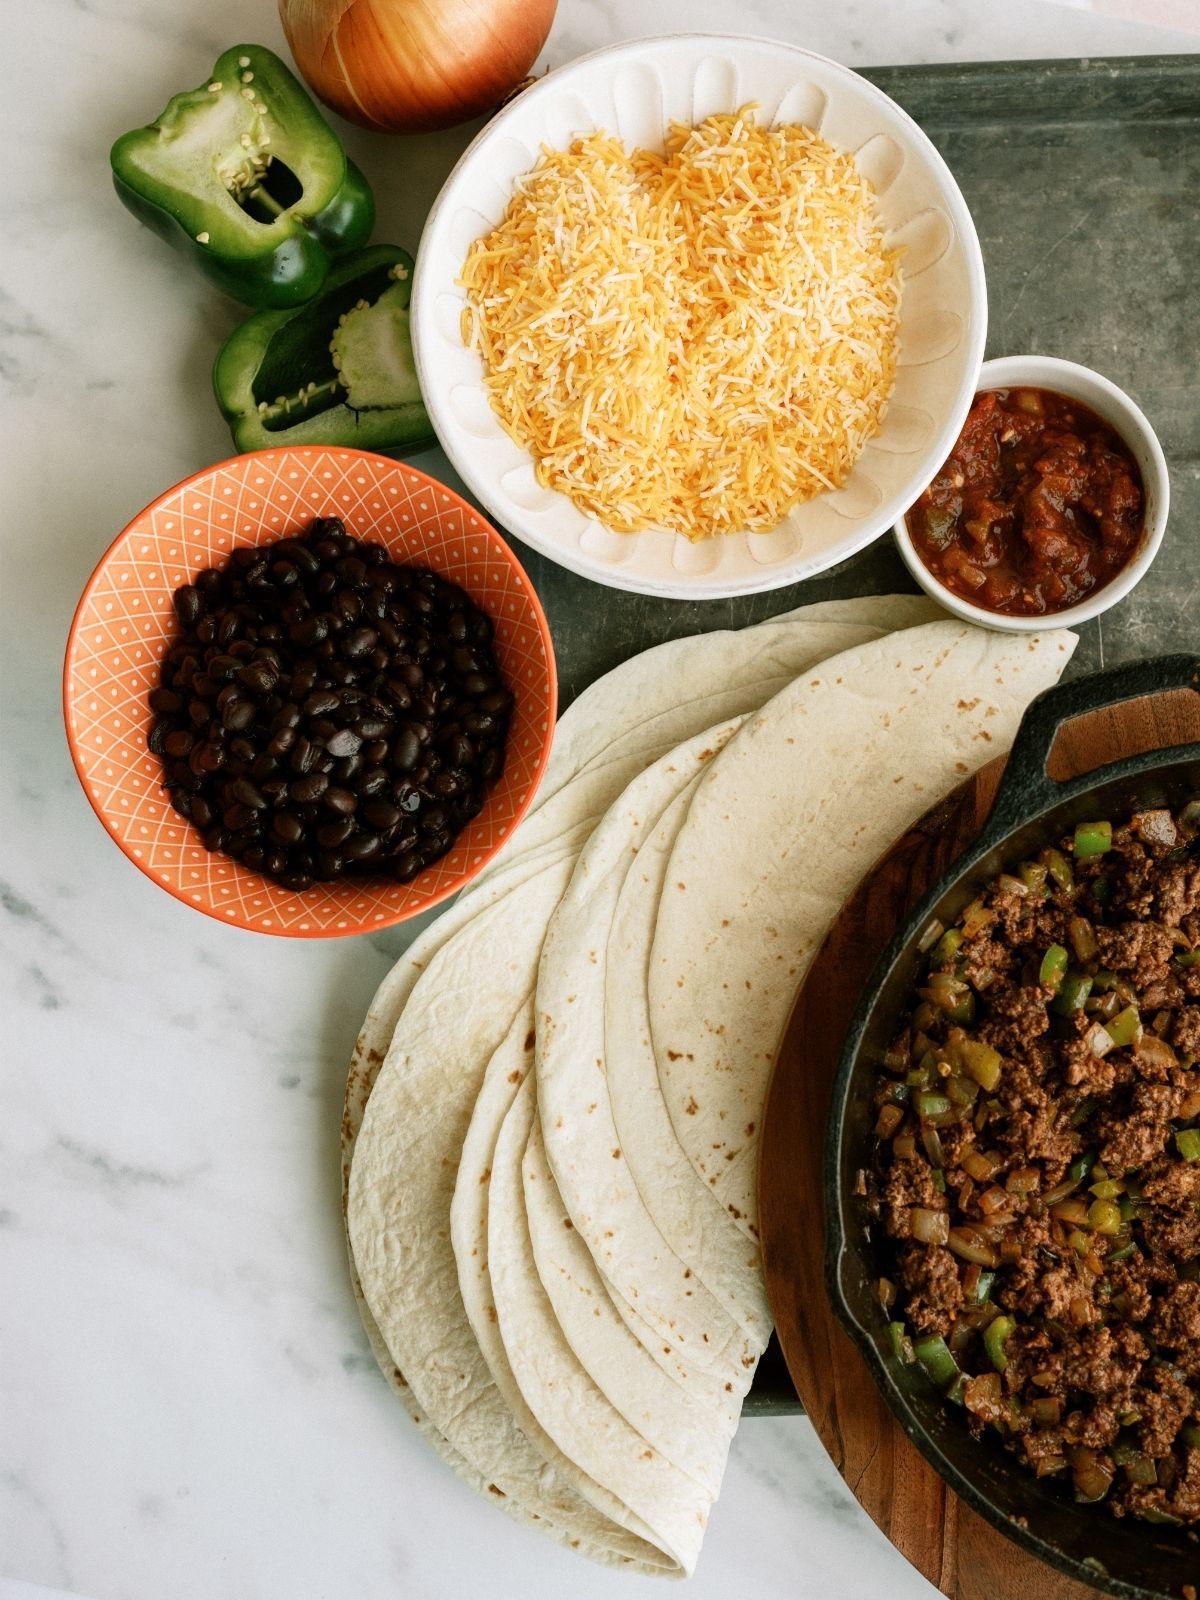 Ingredients for Sheet Pan Ground Beef Quesadillas Recipe